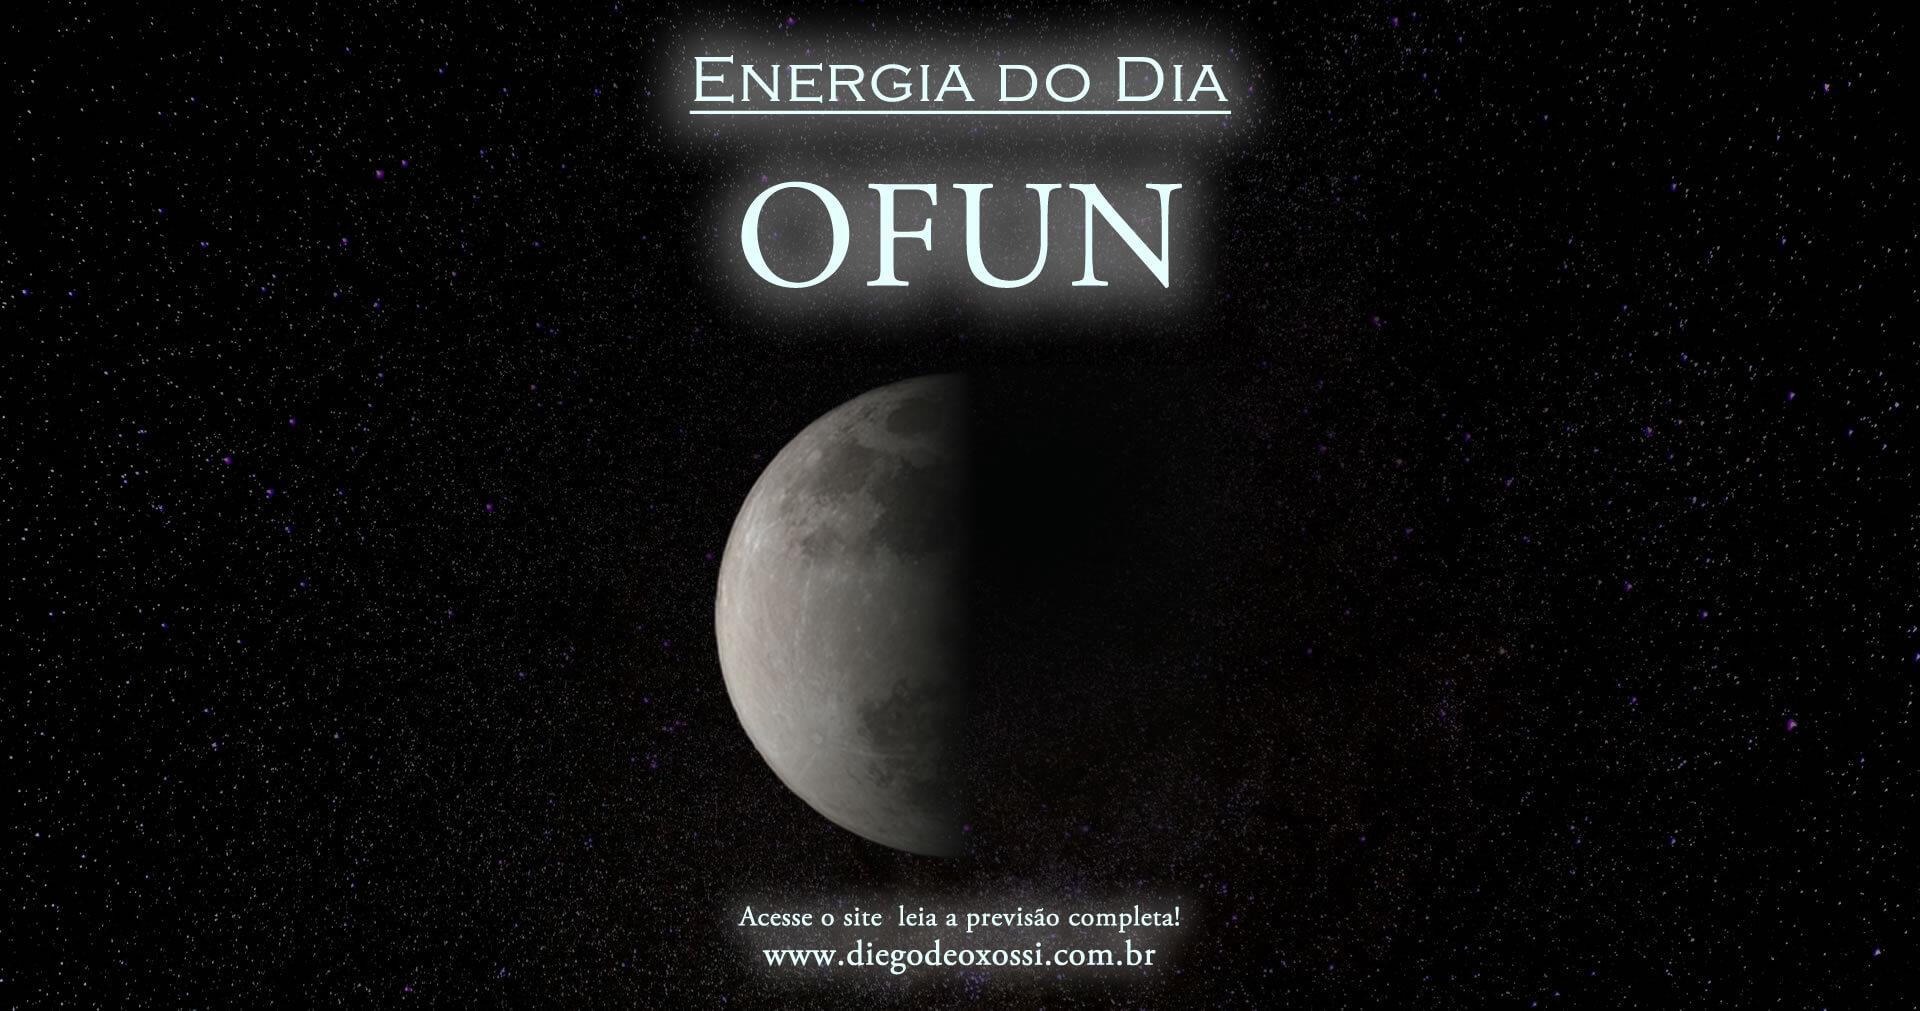 Energia do Dia: Odu Ofun